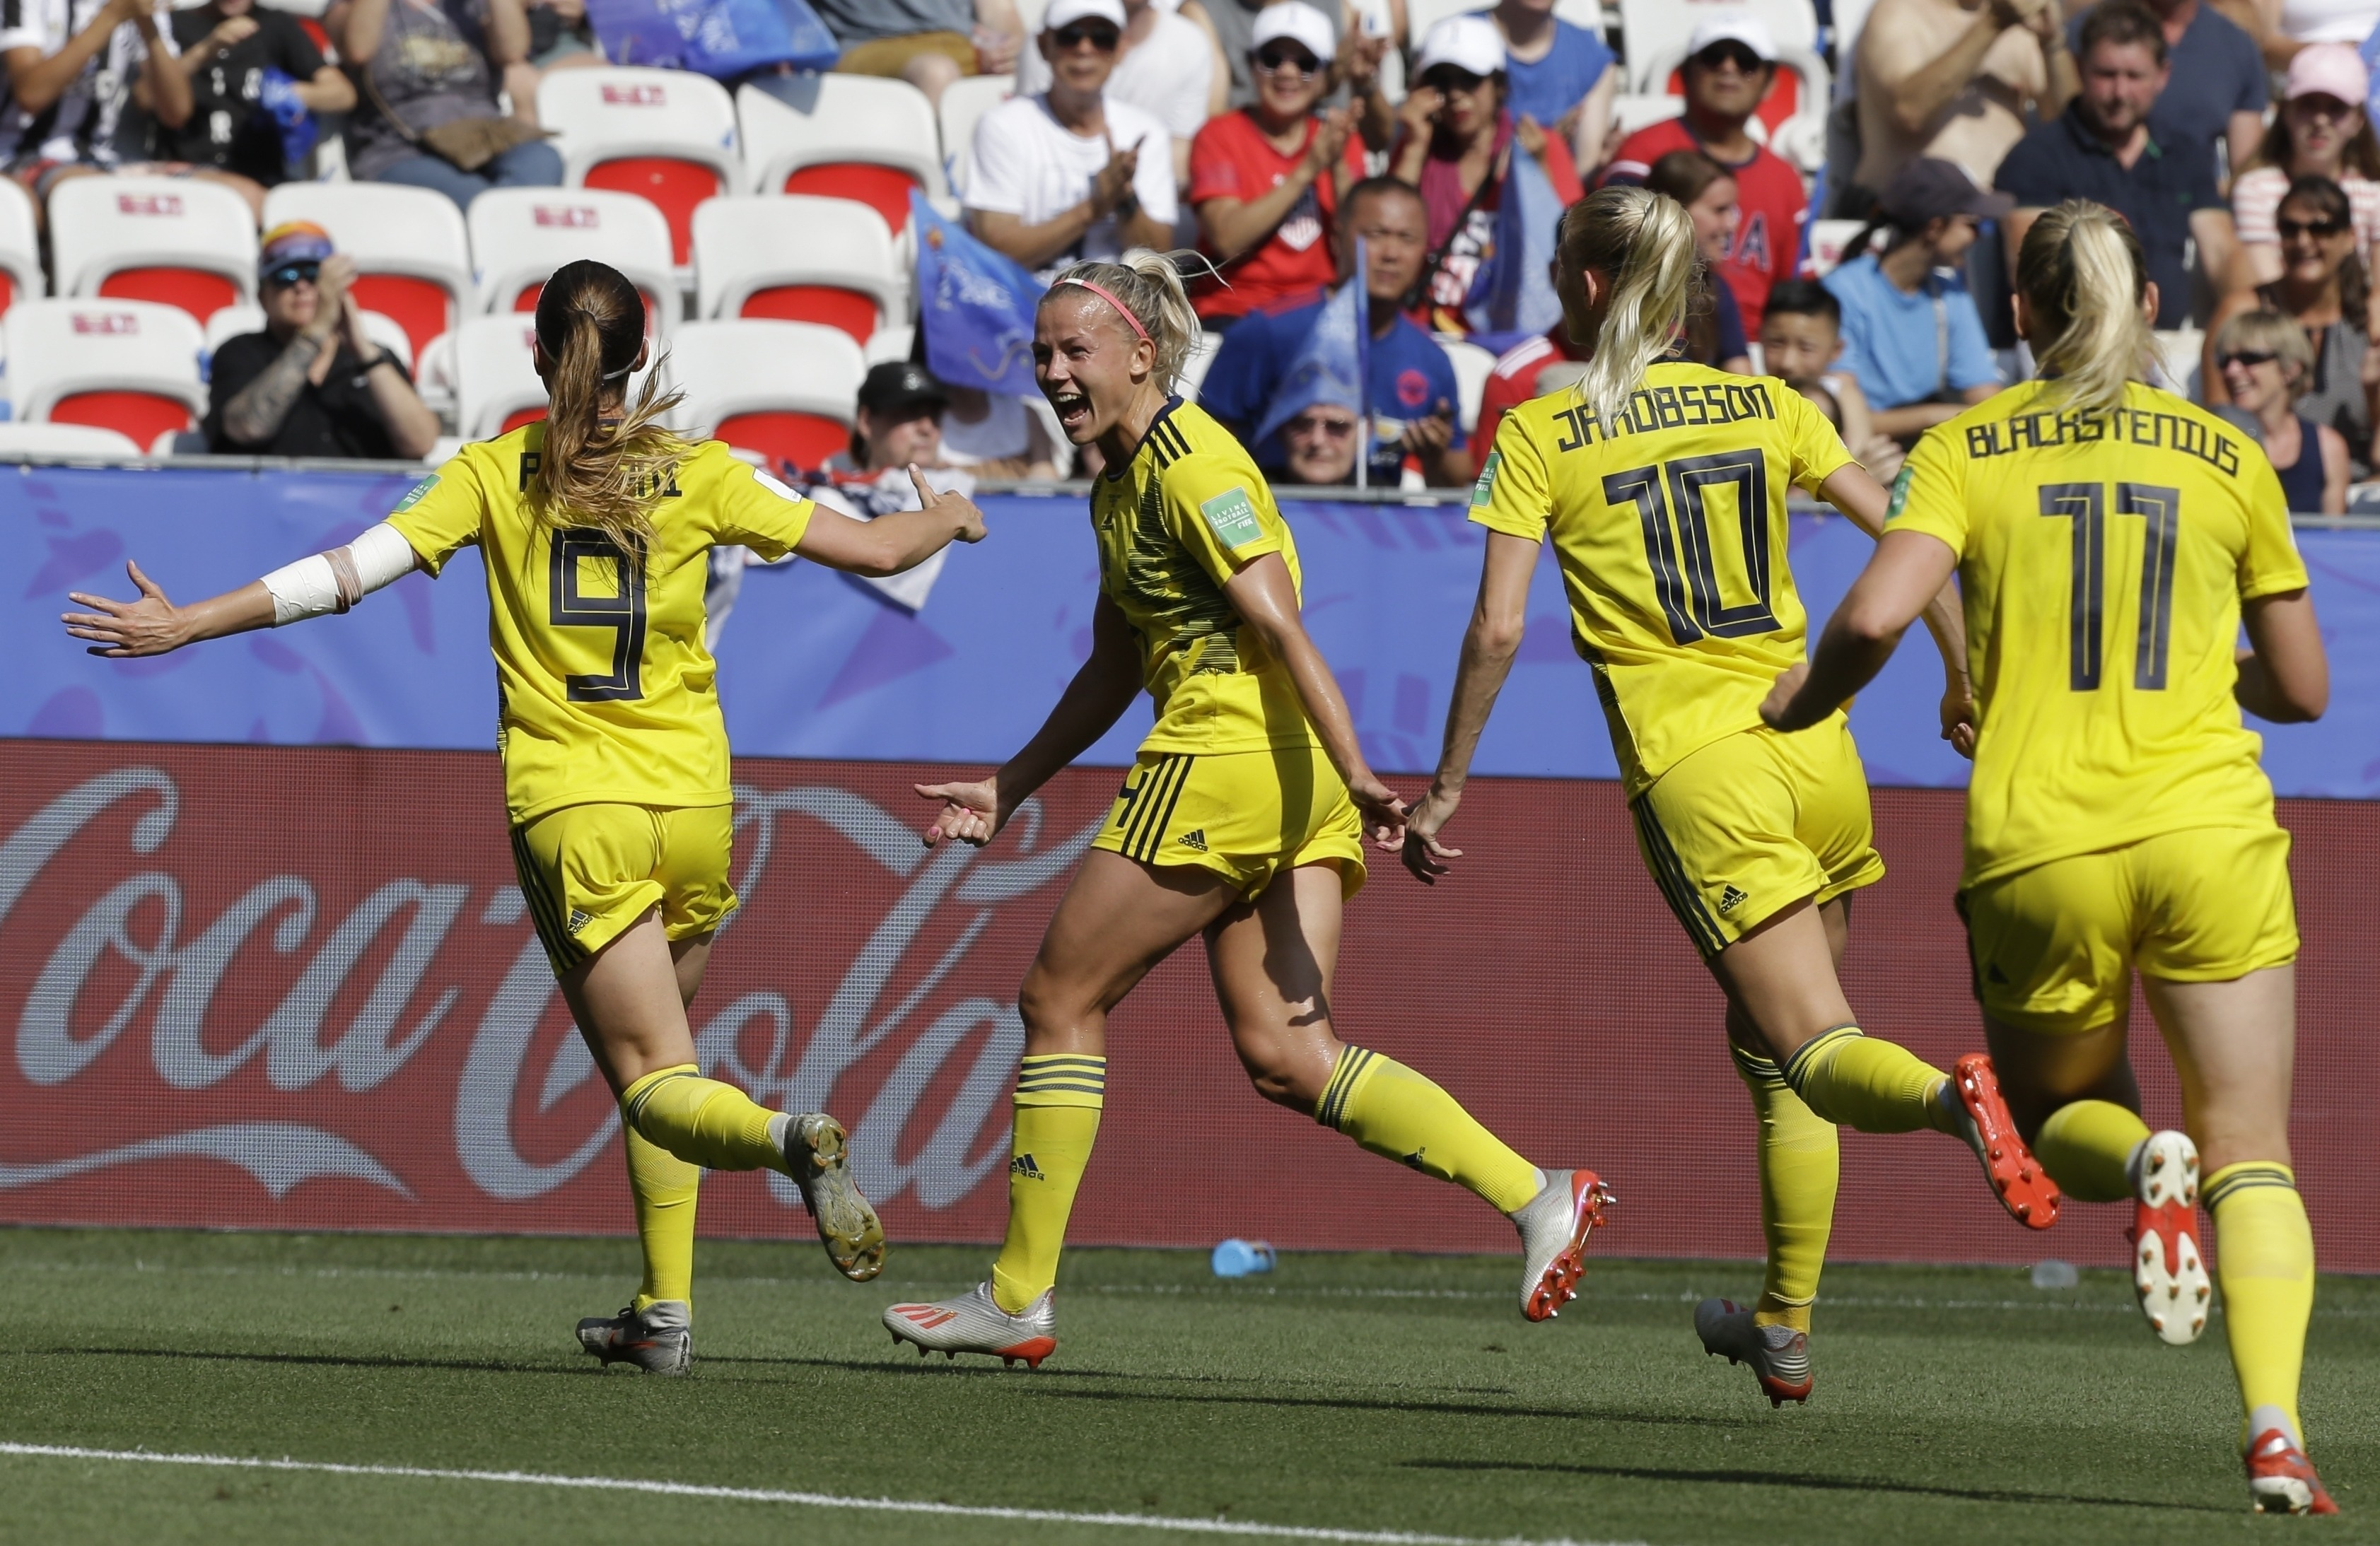 Suecia vence 2-1 a Inglaterra por el 3er puesto en Mundial